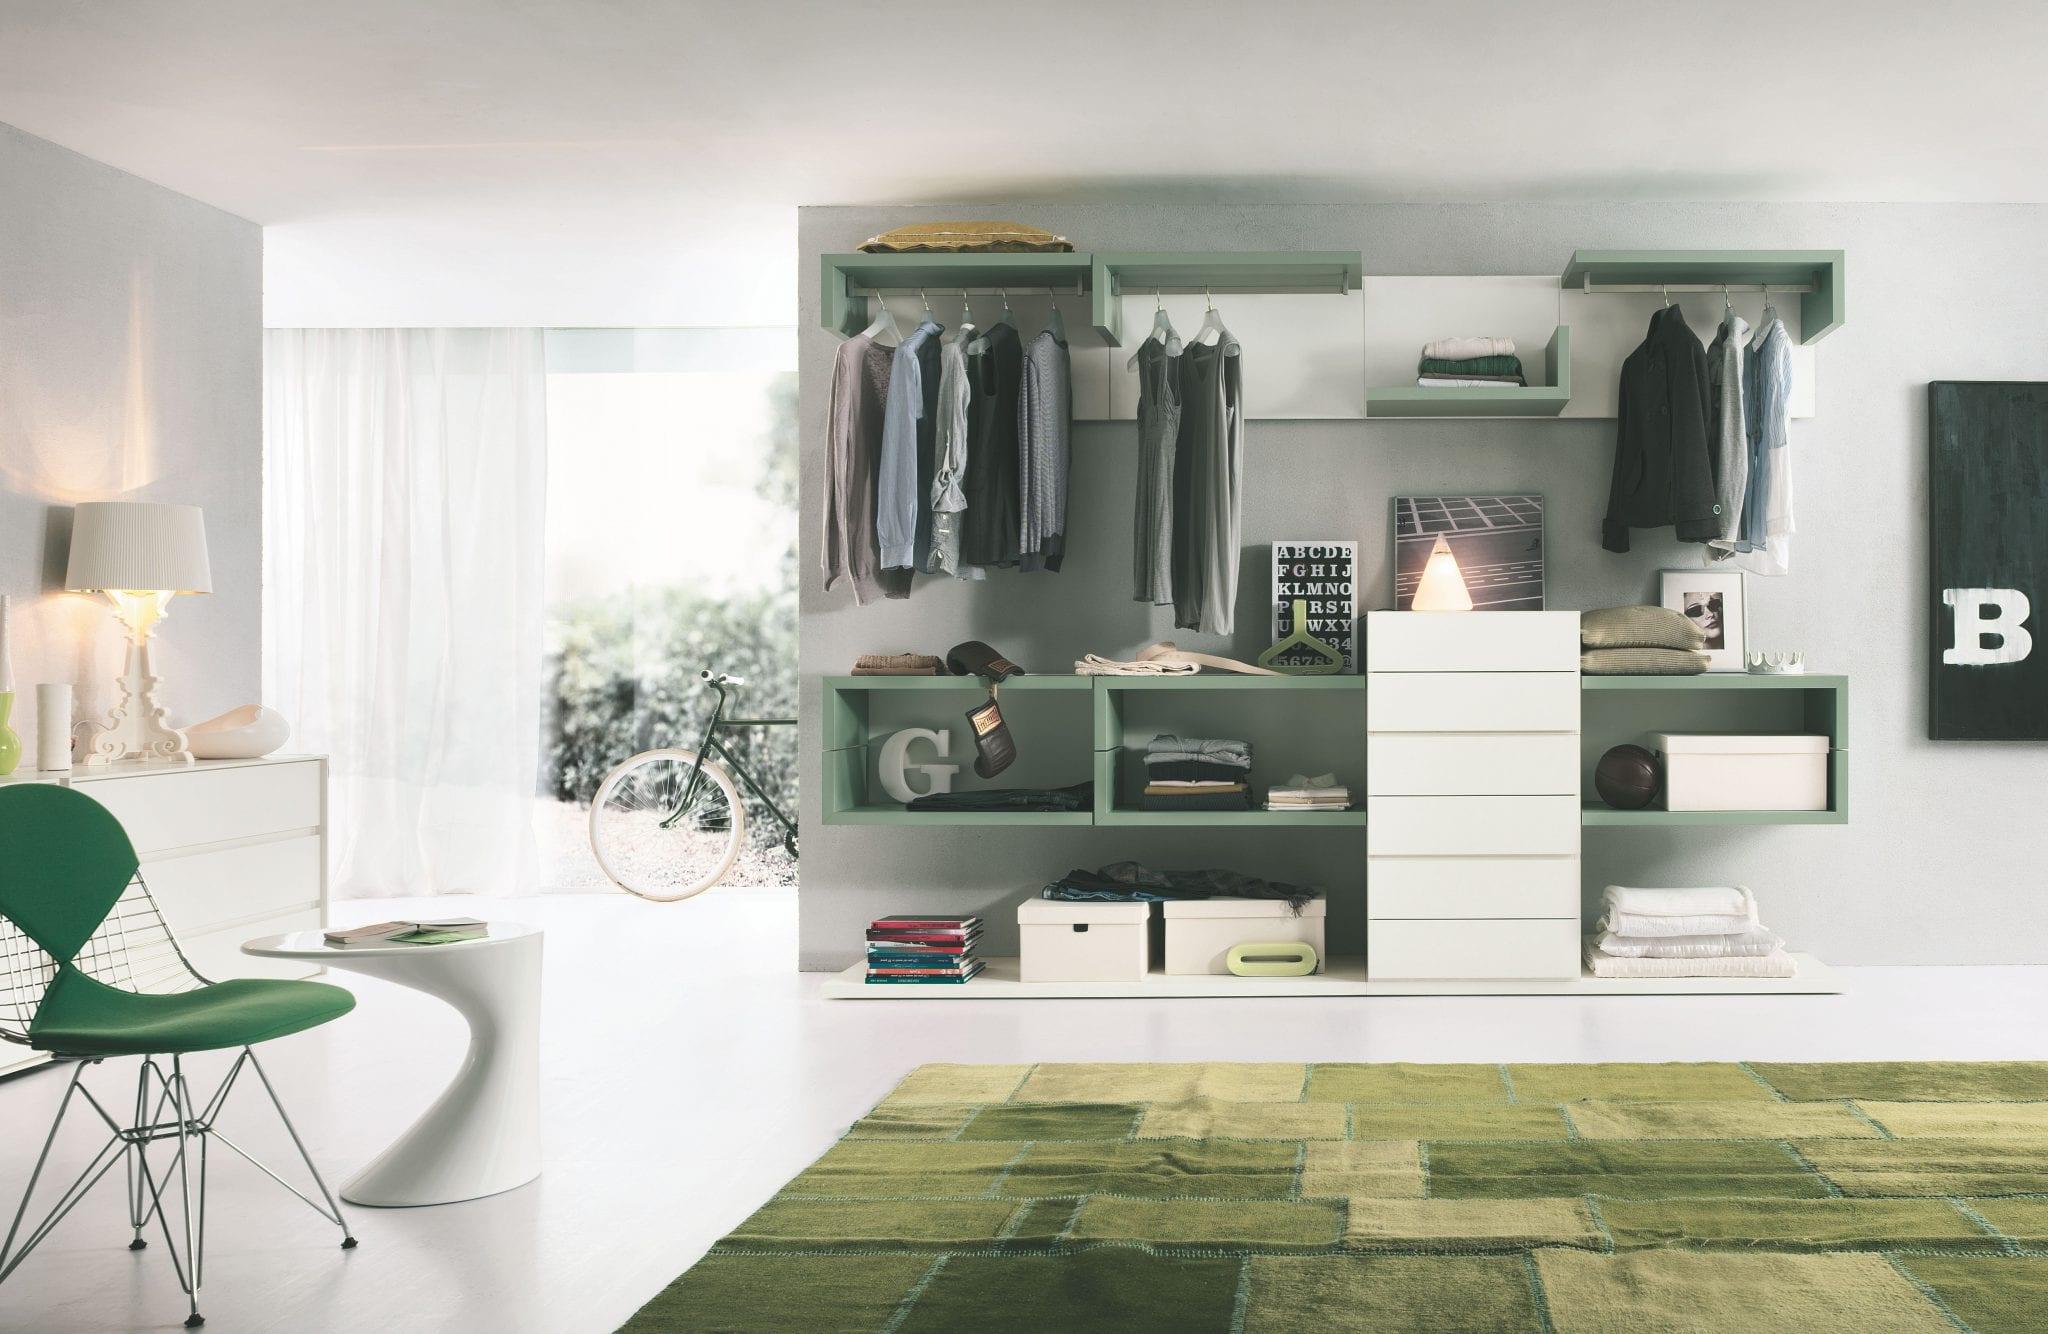 Stunning Raimondi Idee Casa Ideas - Idee Pratiche e di Design ...